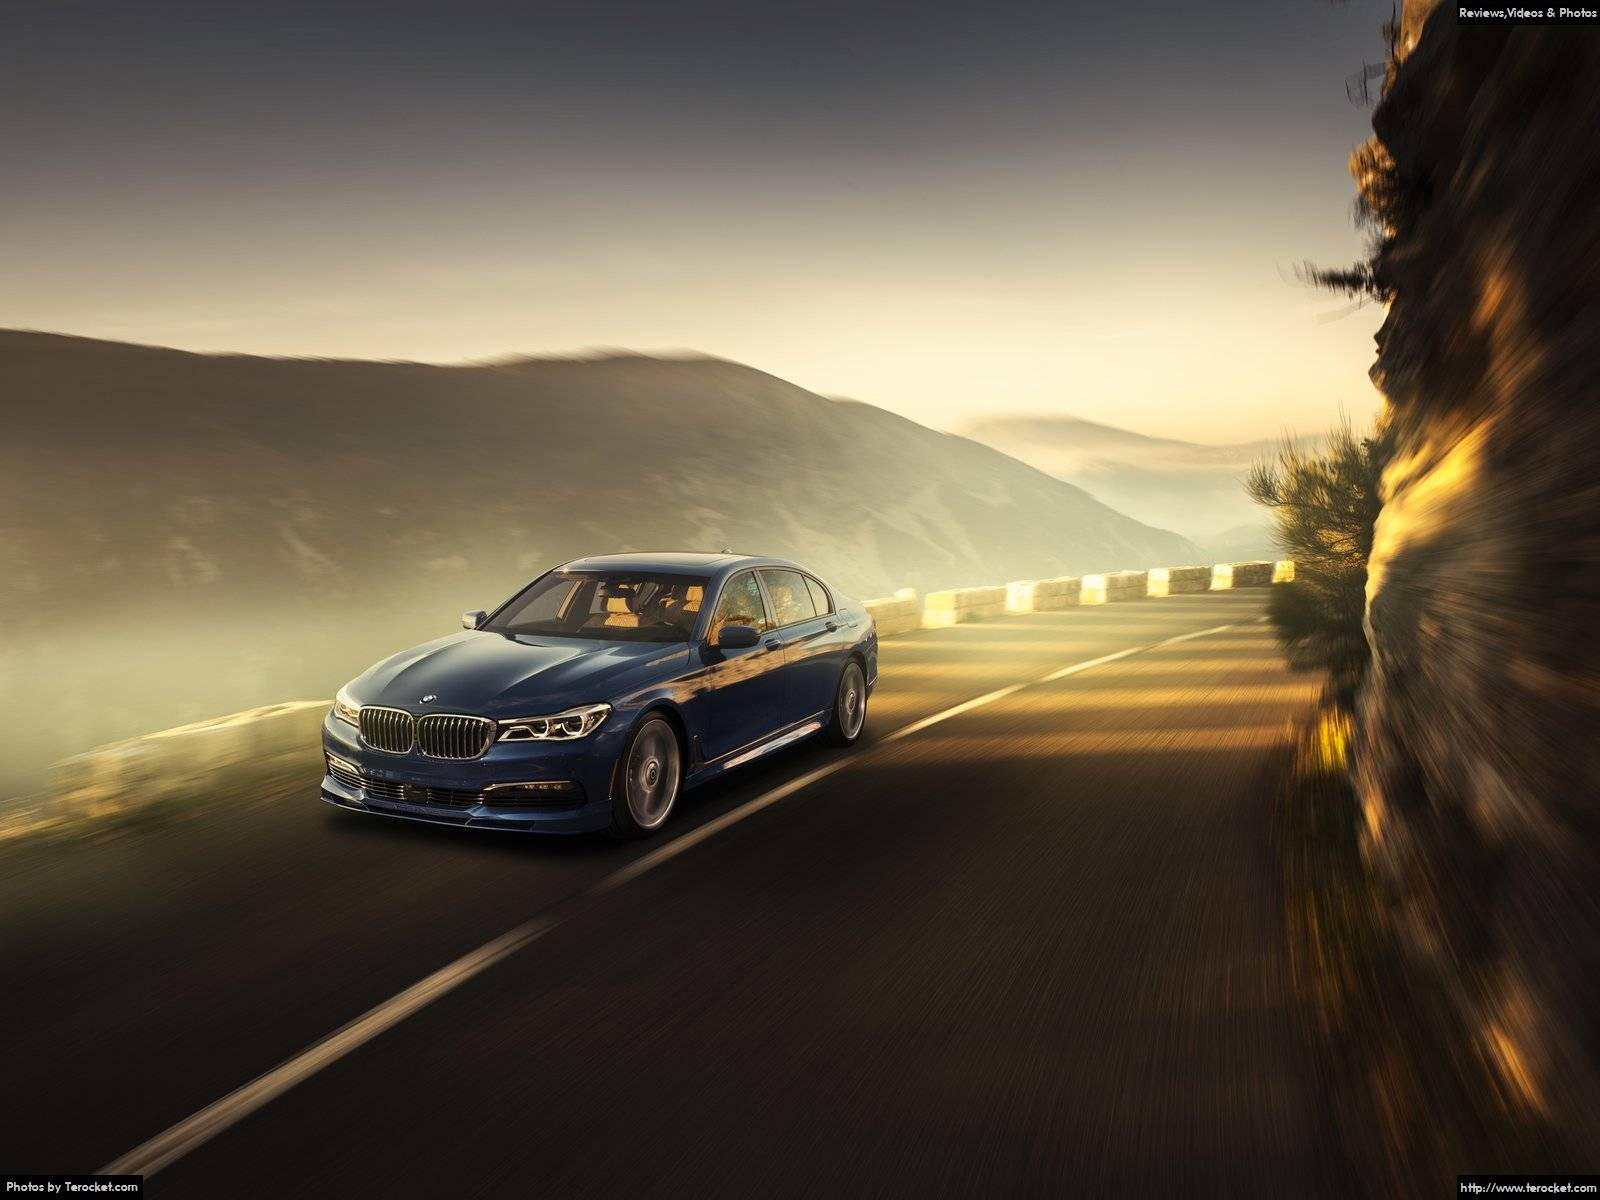 Hình ảnh xe ô tô Alpina BMW B7 xDrive 2017 & nội ngoại thất